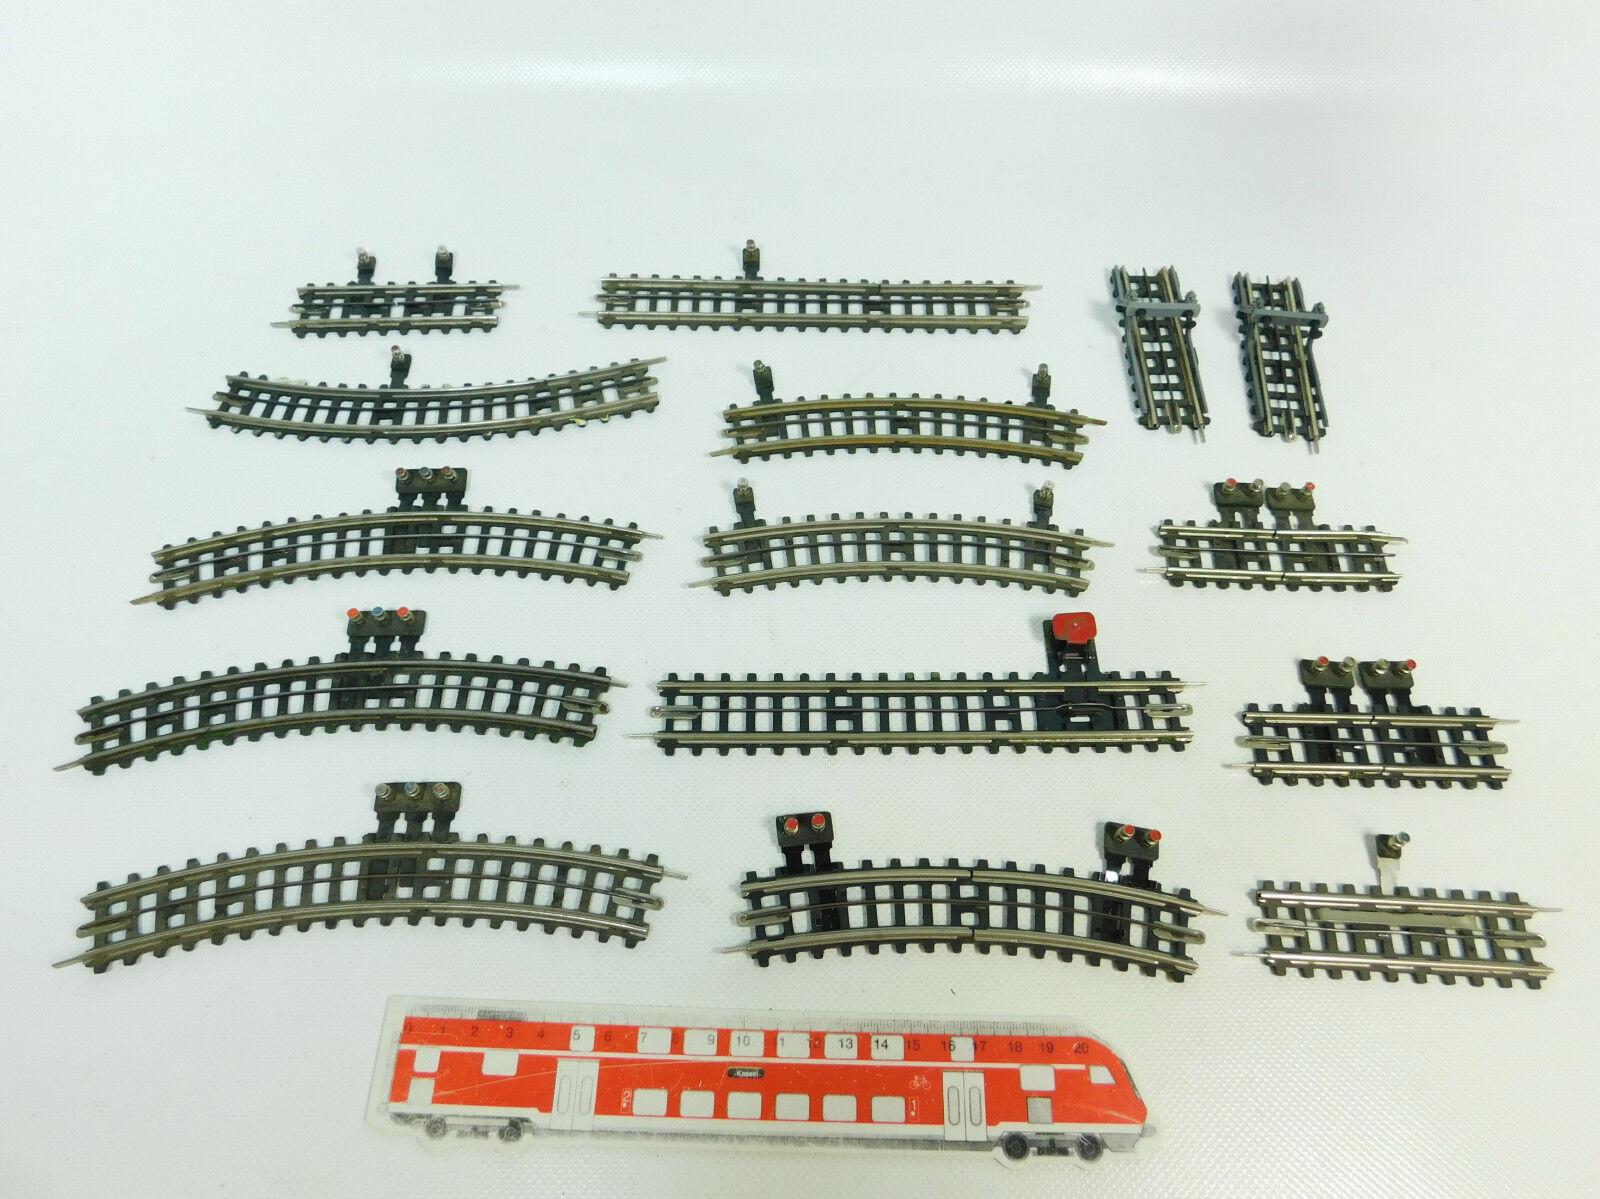 Bq188-0,5 x Trix Express Pappschwelle H0   Dc Voie de Séparation, Butoir Etc,